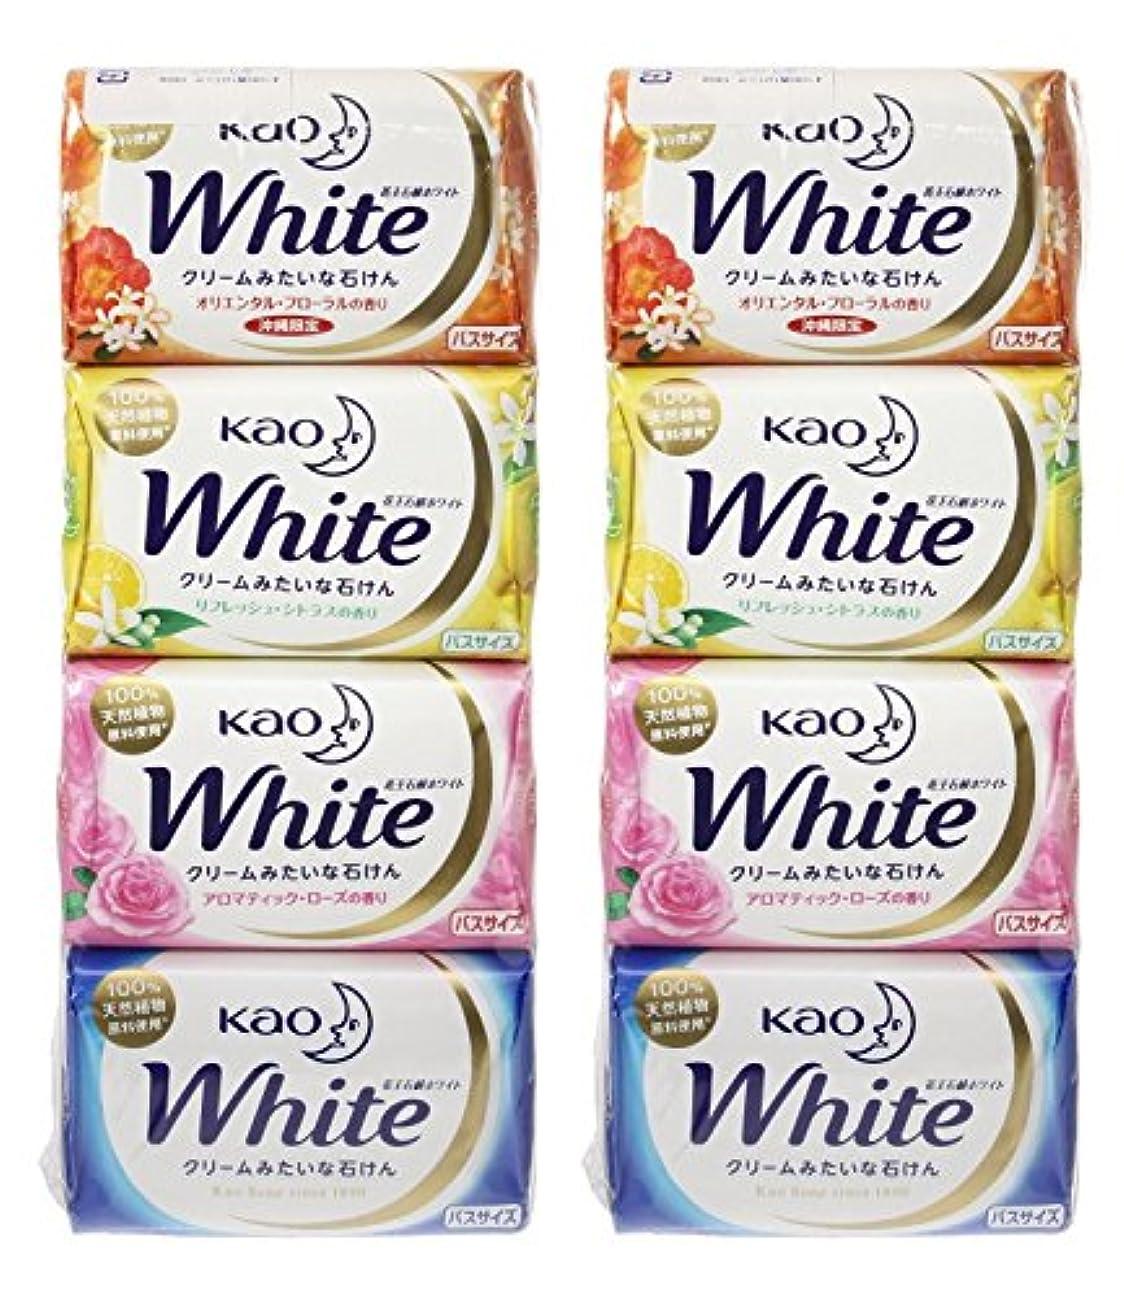 アイデア慣れているイノセンス花王ホワイト 香りアソートパック バス12個×2